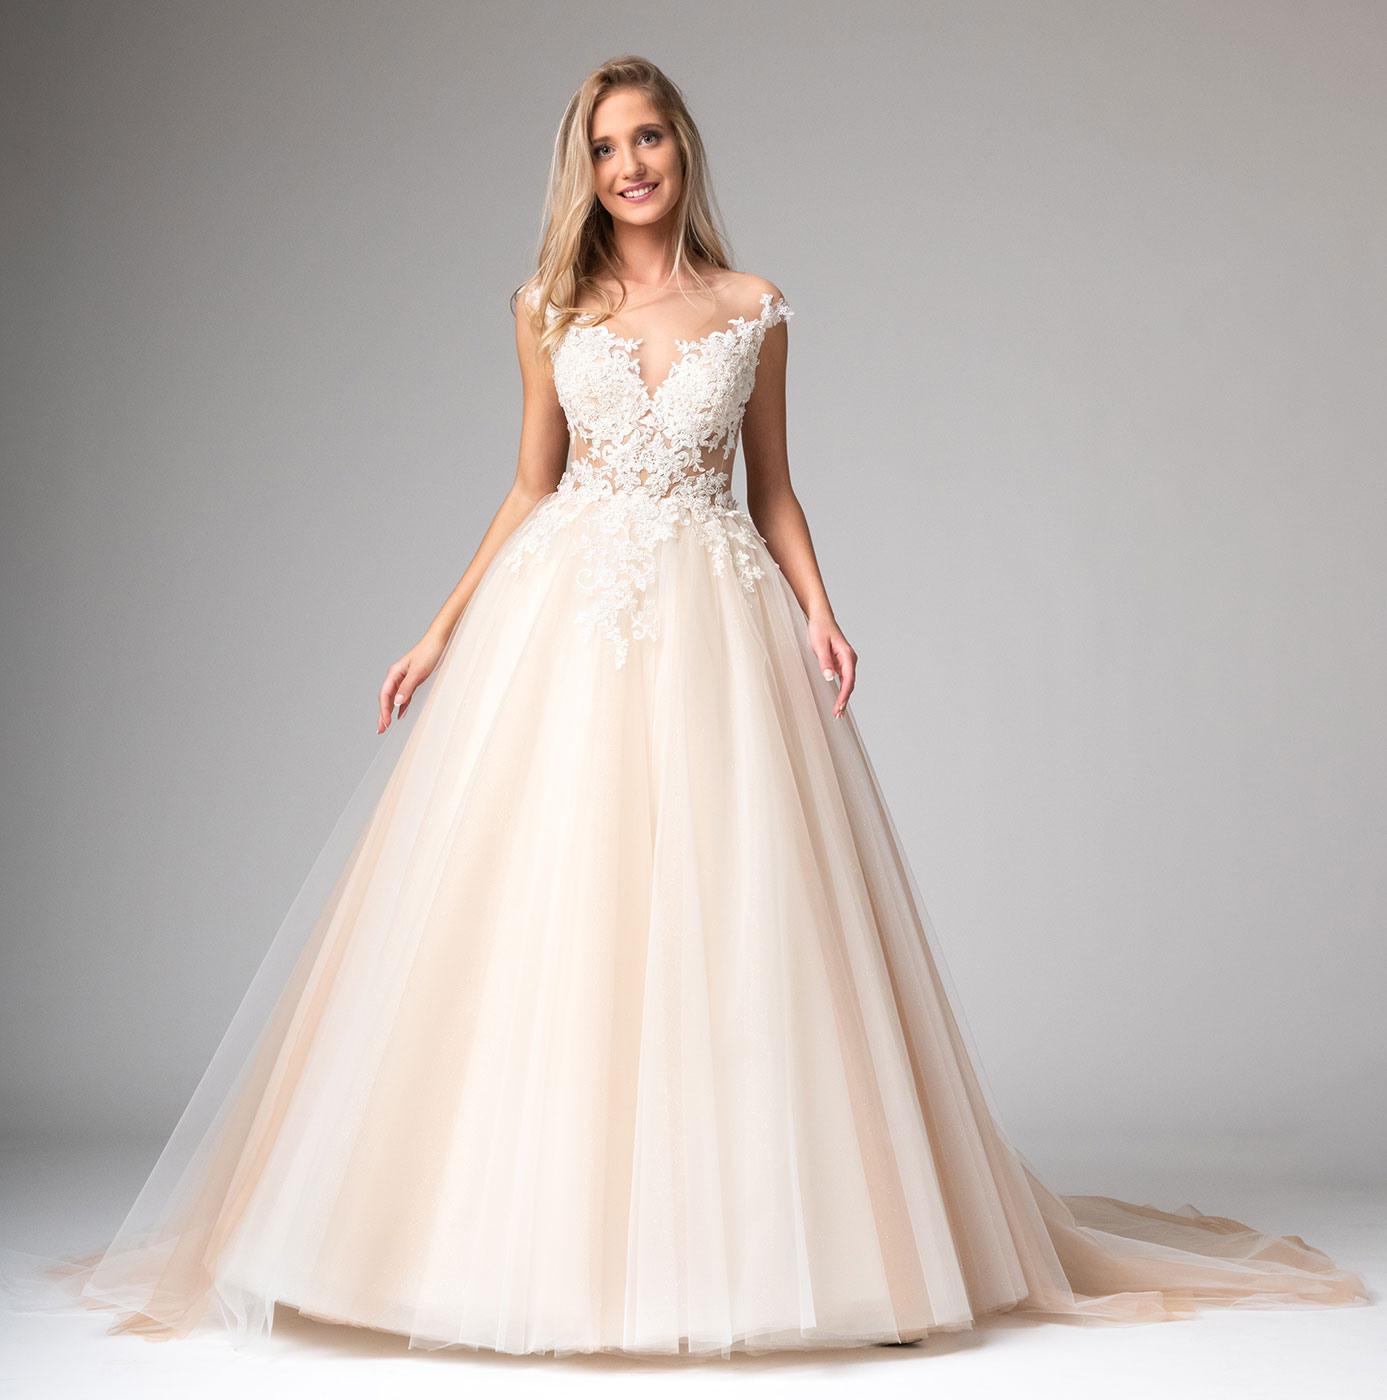 Prinzessin Hochzeitskleid Mit Viel Tüll Maßanfertigung